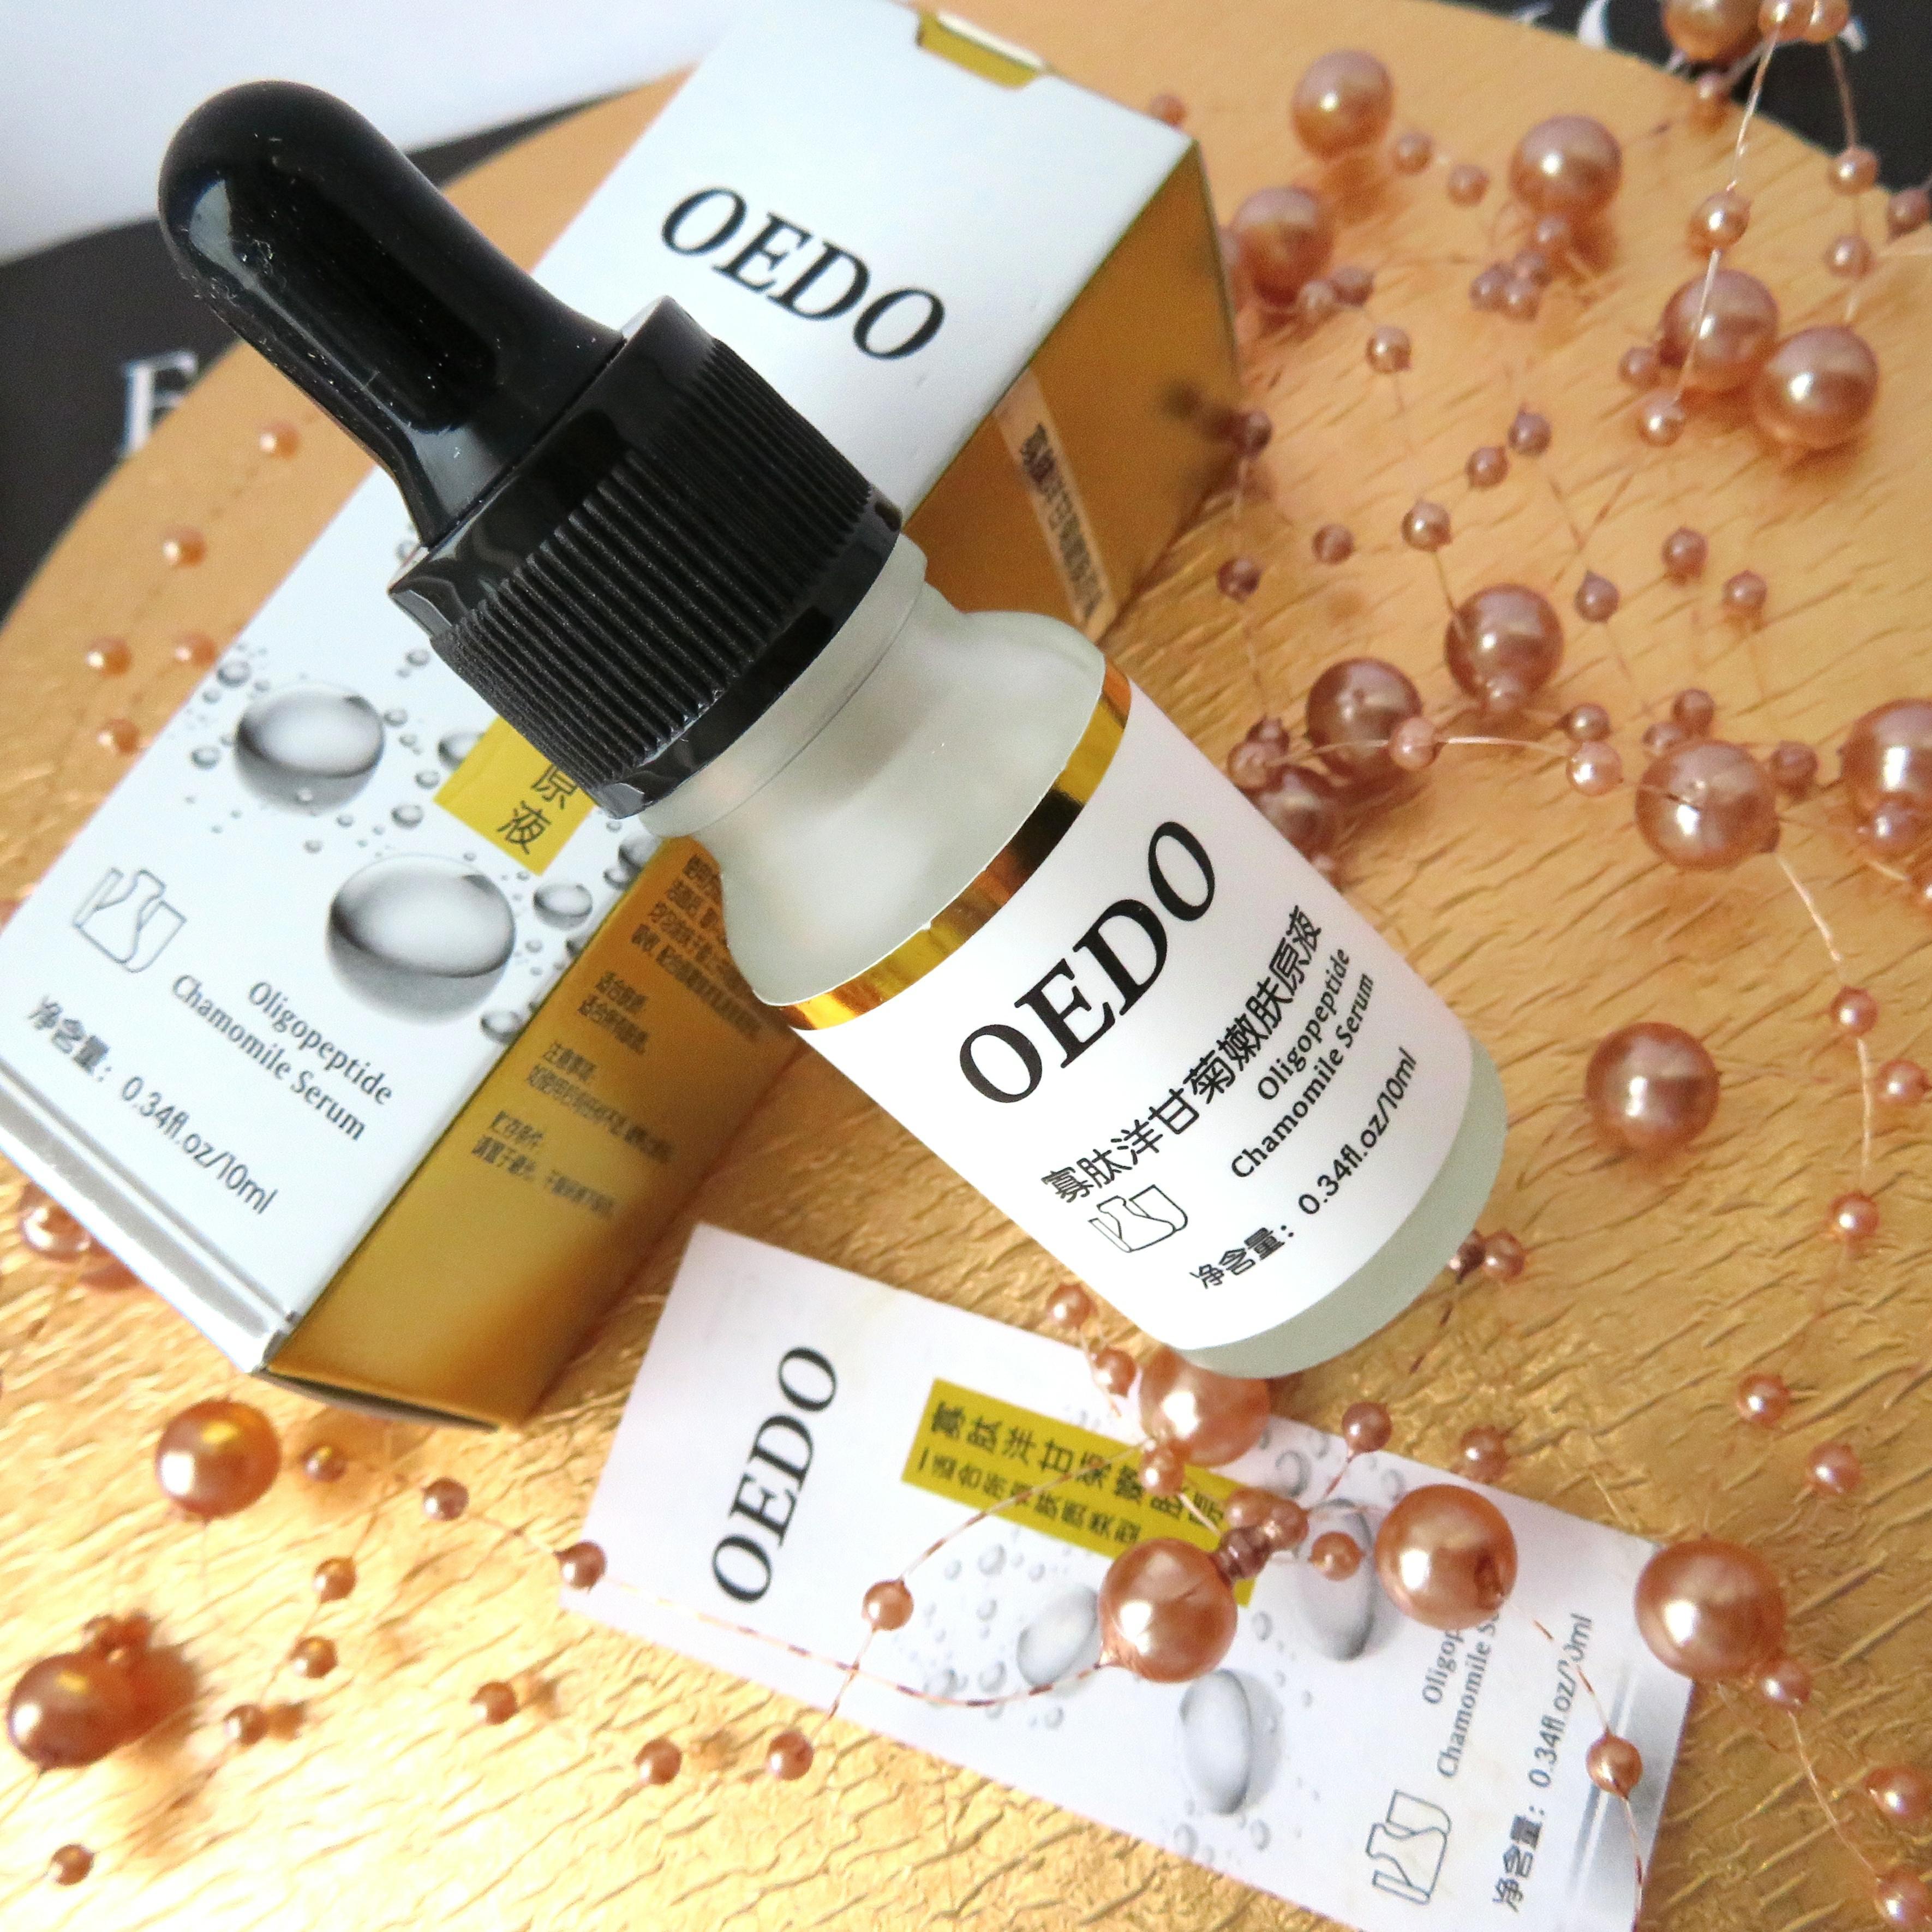 Омолаживающая сыворотка с олигопептидами и экстрактом ромашки от бренда OEDO